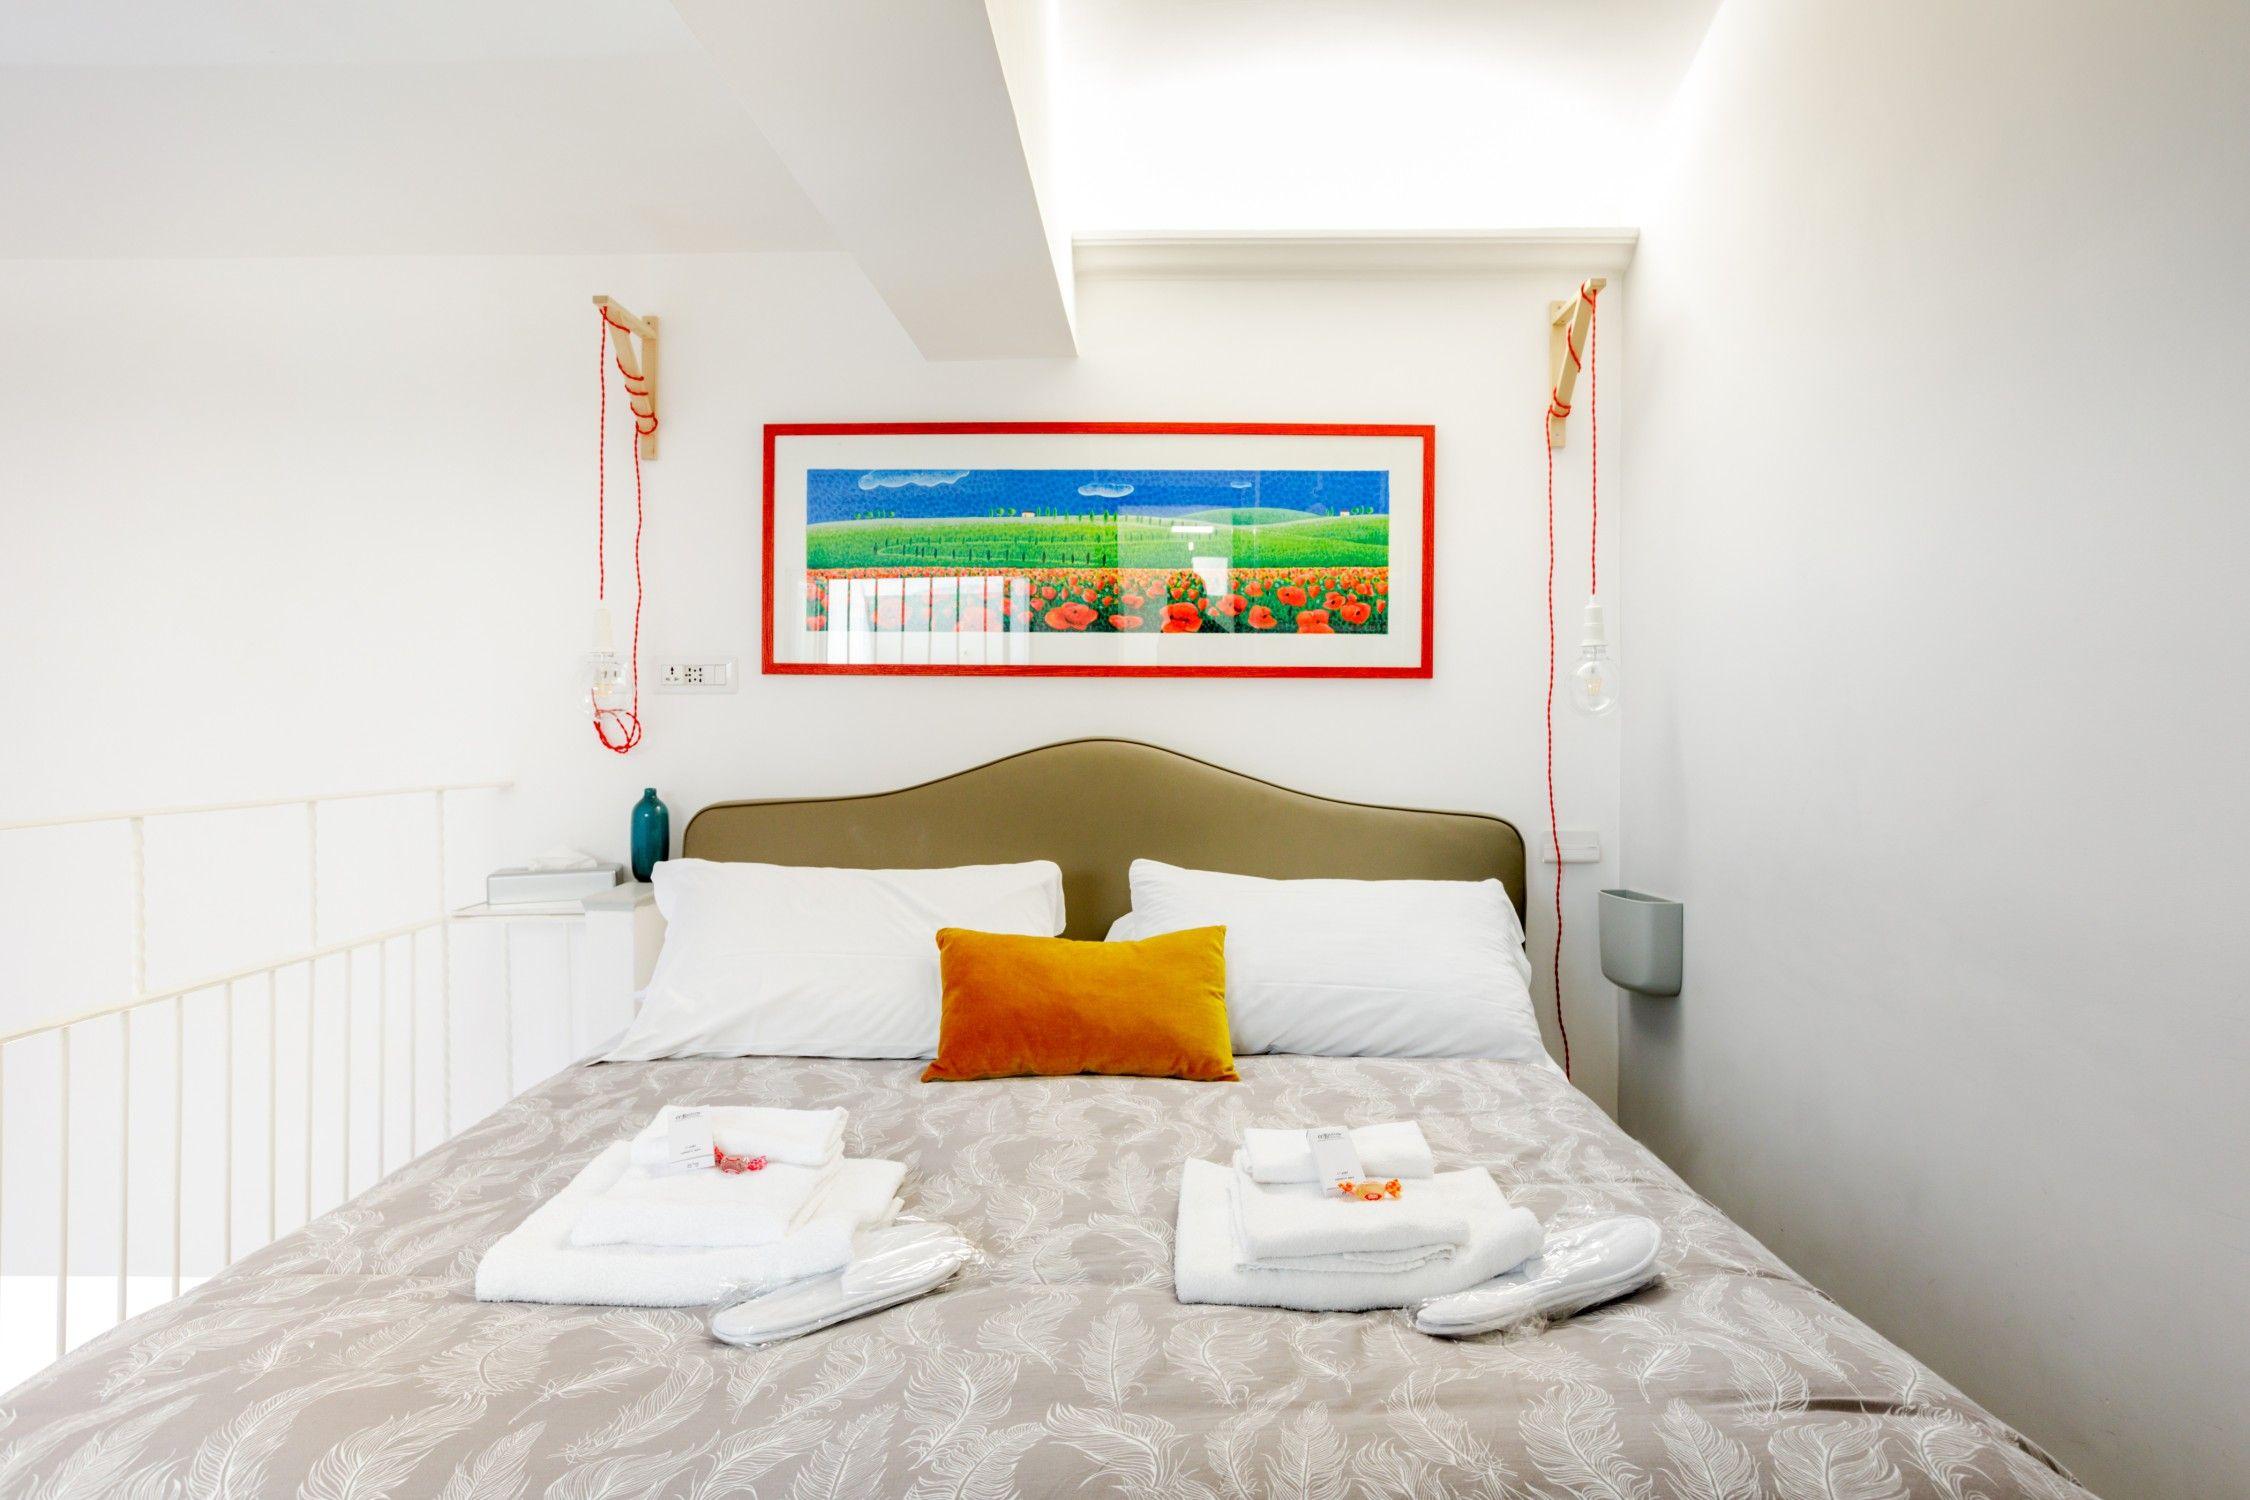 Entire Home Apt In Rome Italy Casa Dal Design Moderno Con Una Vista Unica Sui Tetti Di Roma Con Ogni Comfort Ubicata Nel Cuore Della C Home Decor Room Decor